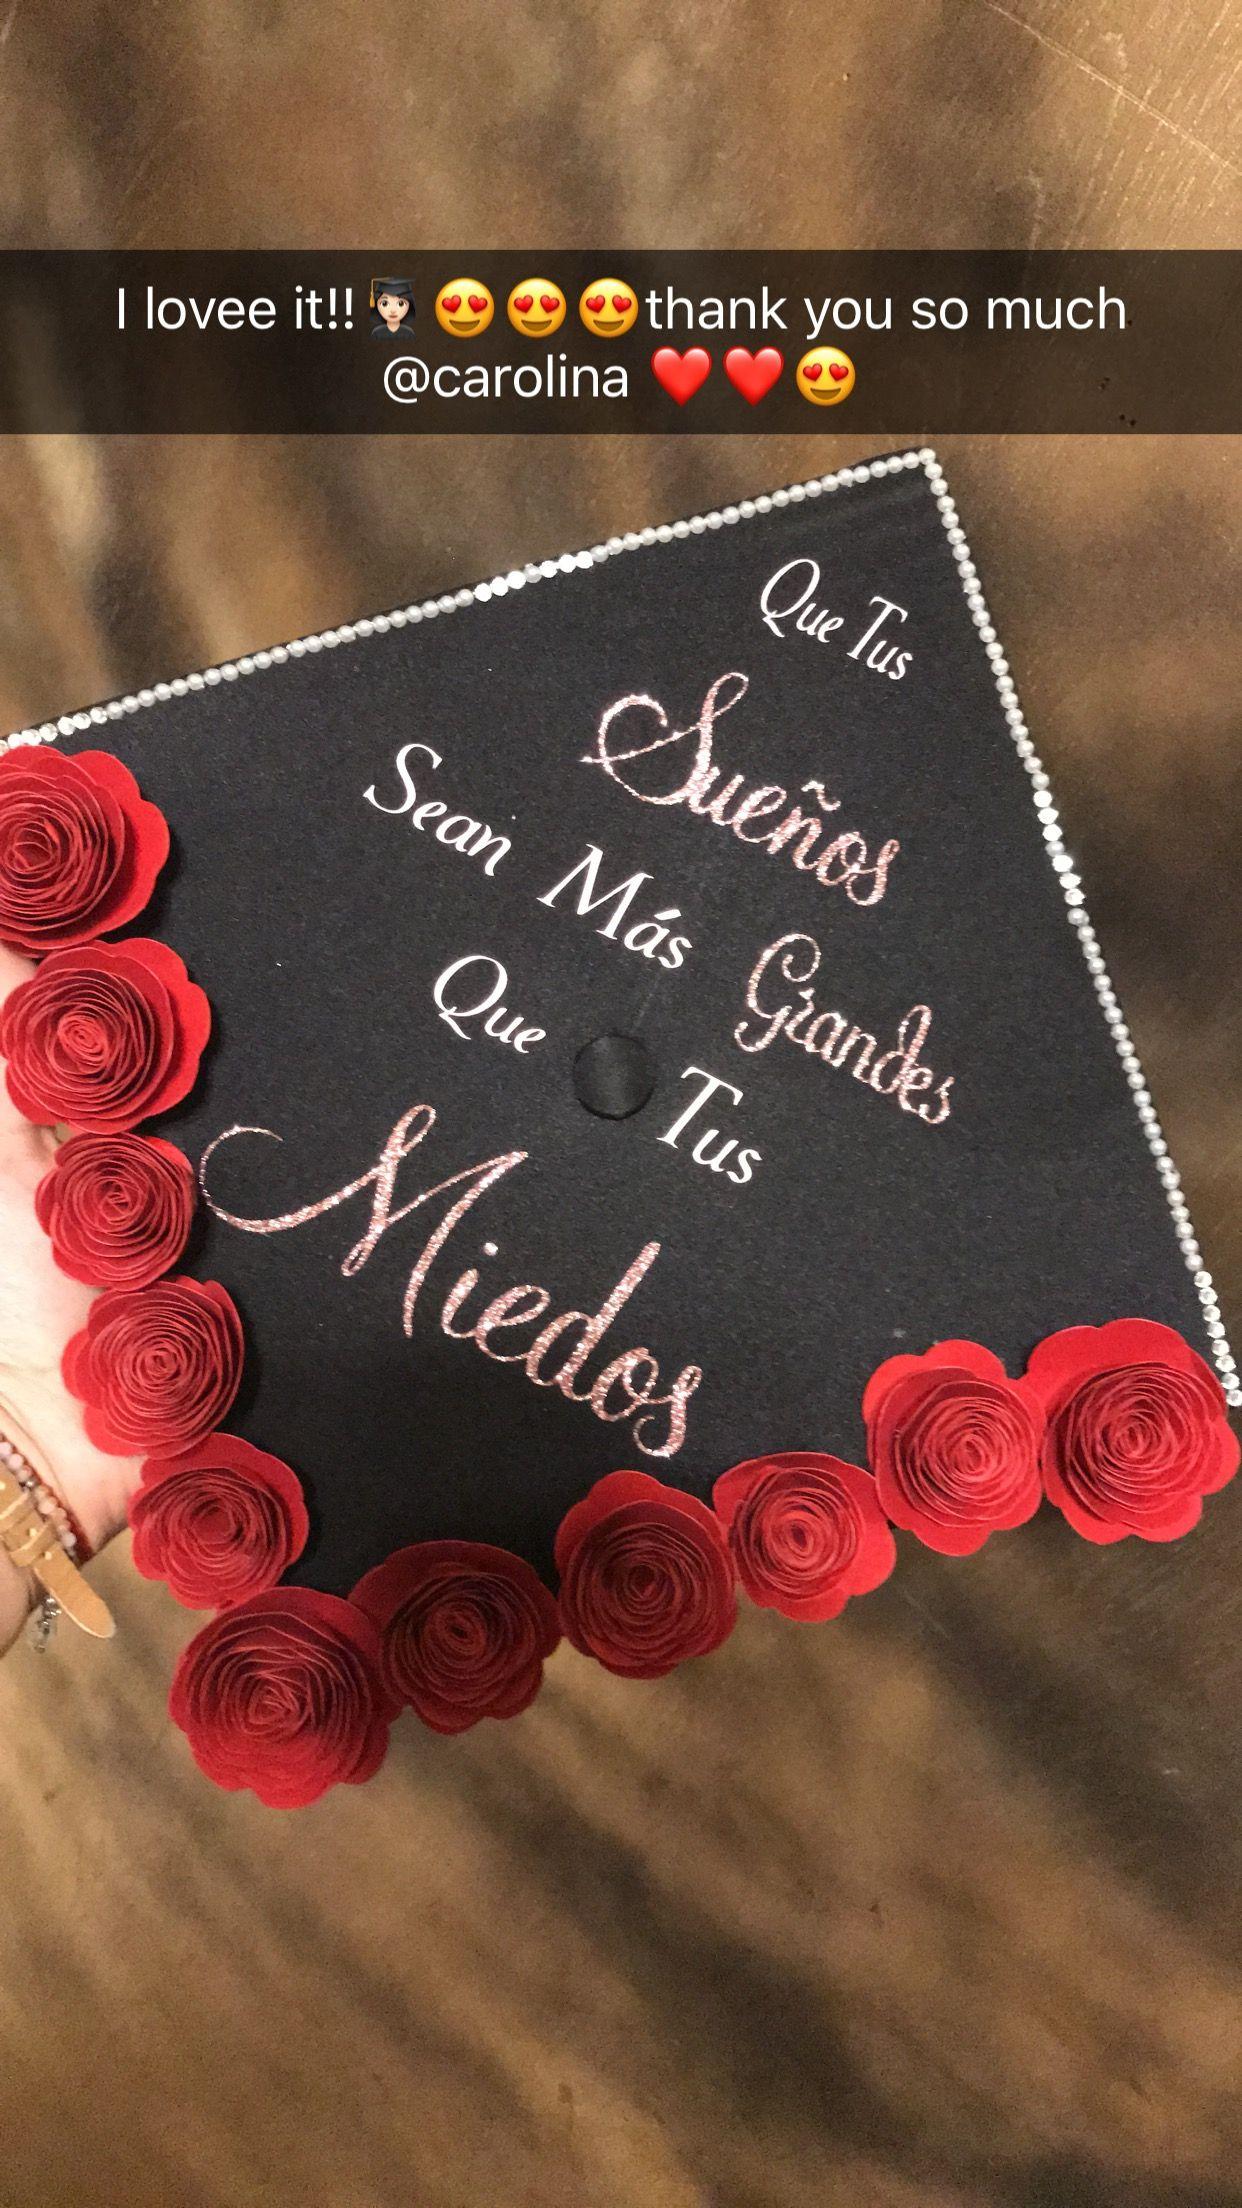 Graduation cap #quetussuenosseanmasgrandesquetusmiedos #graduation ...